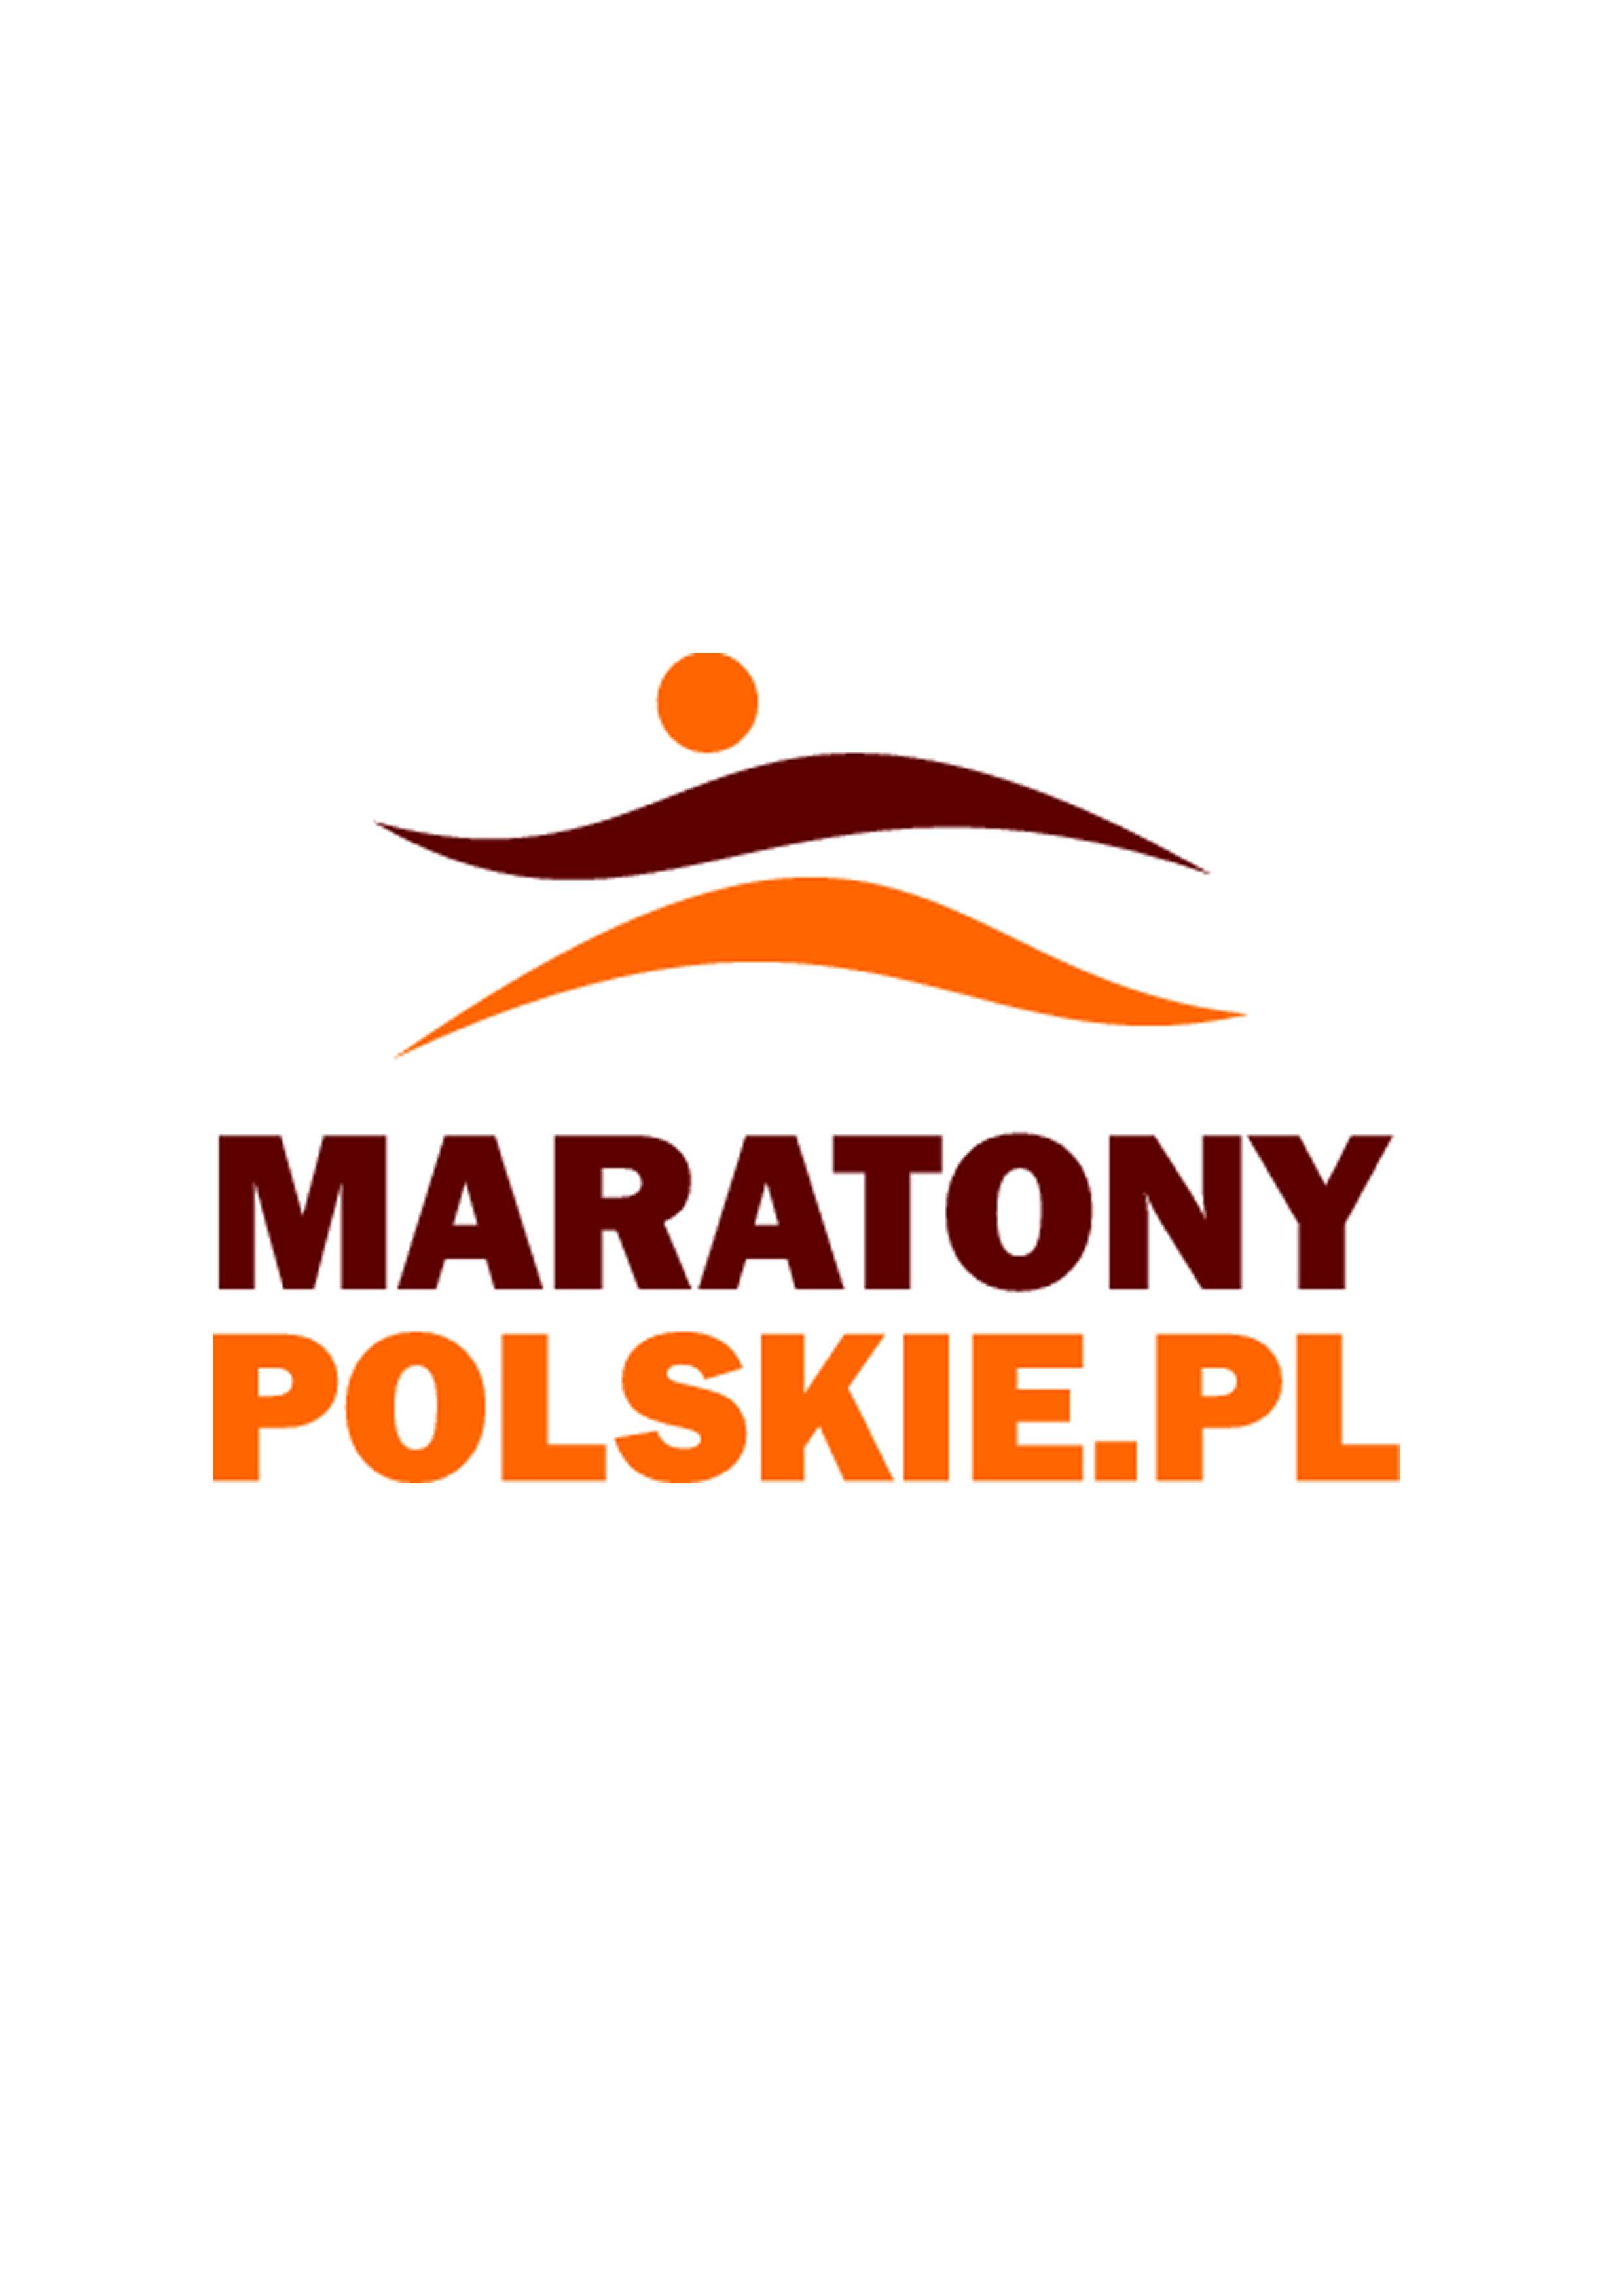 Patronat Maratony polskie